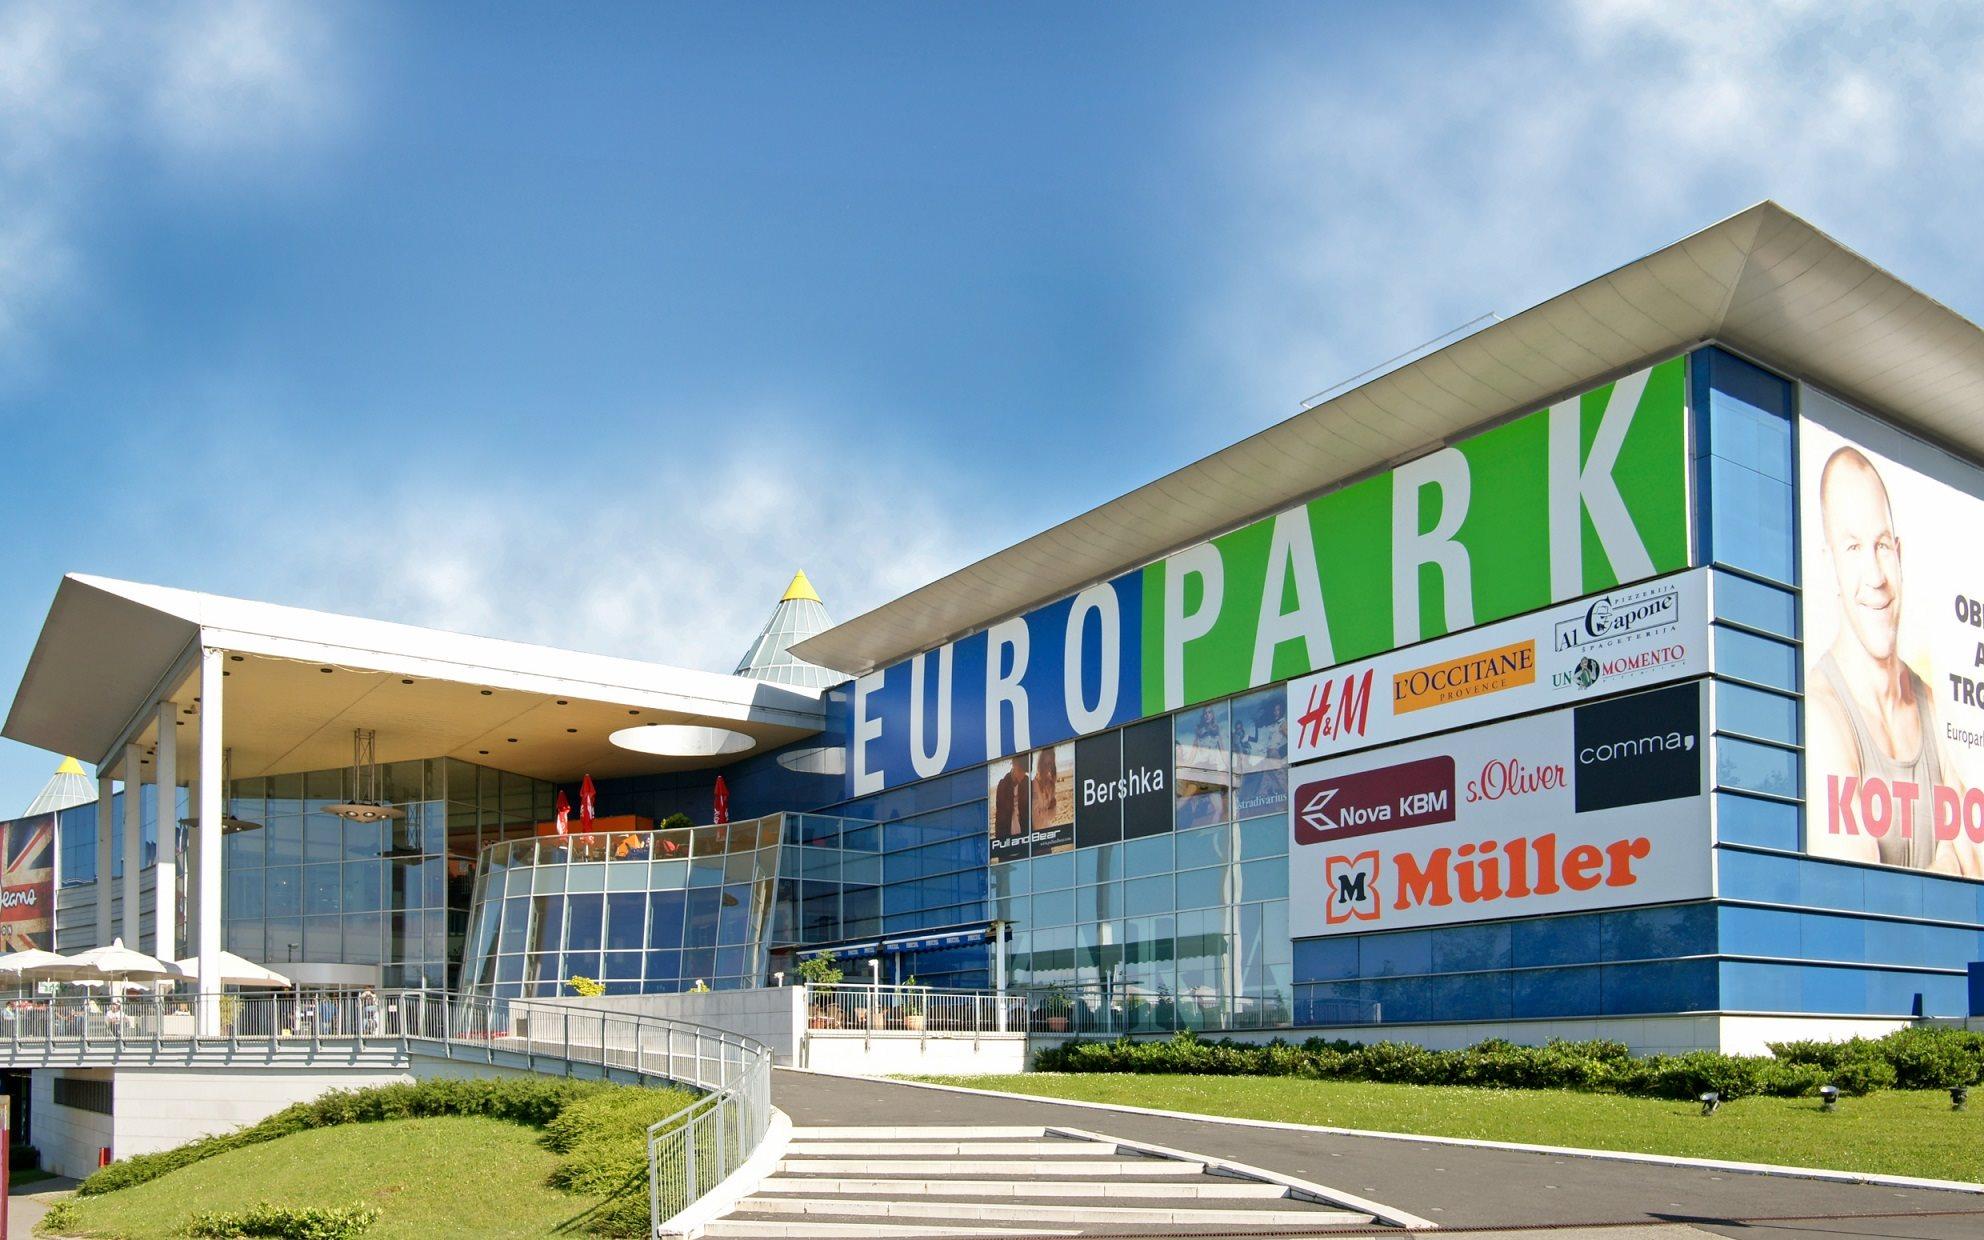 Europark bo zaprt na dan praznika in tudi v nedeljo. V soboto opravite nakupe.